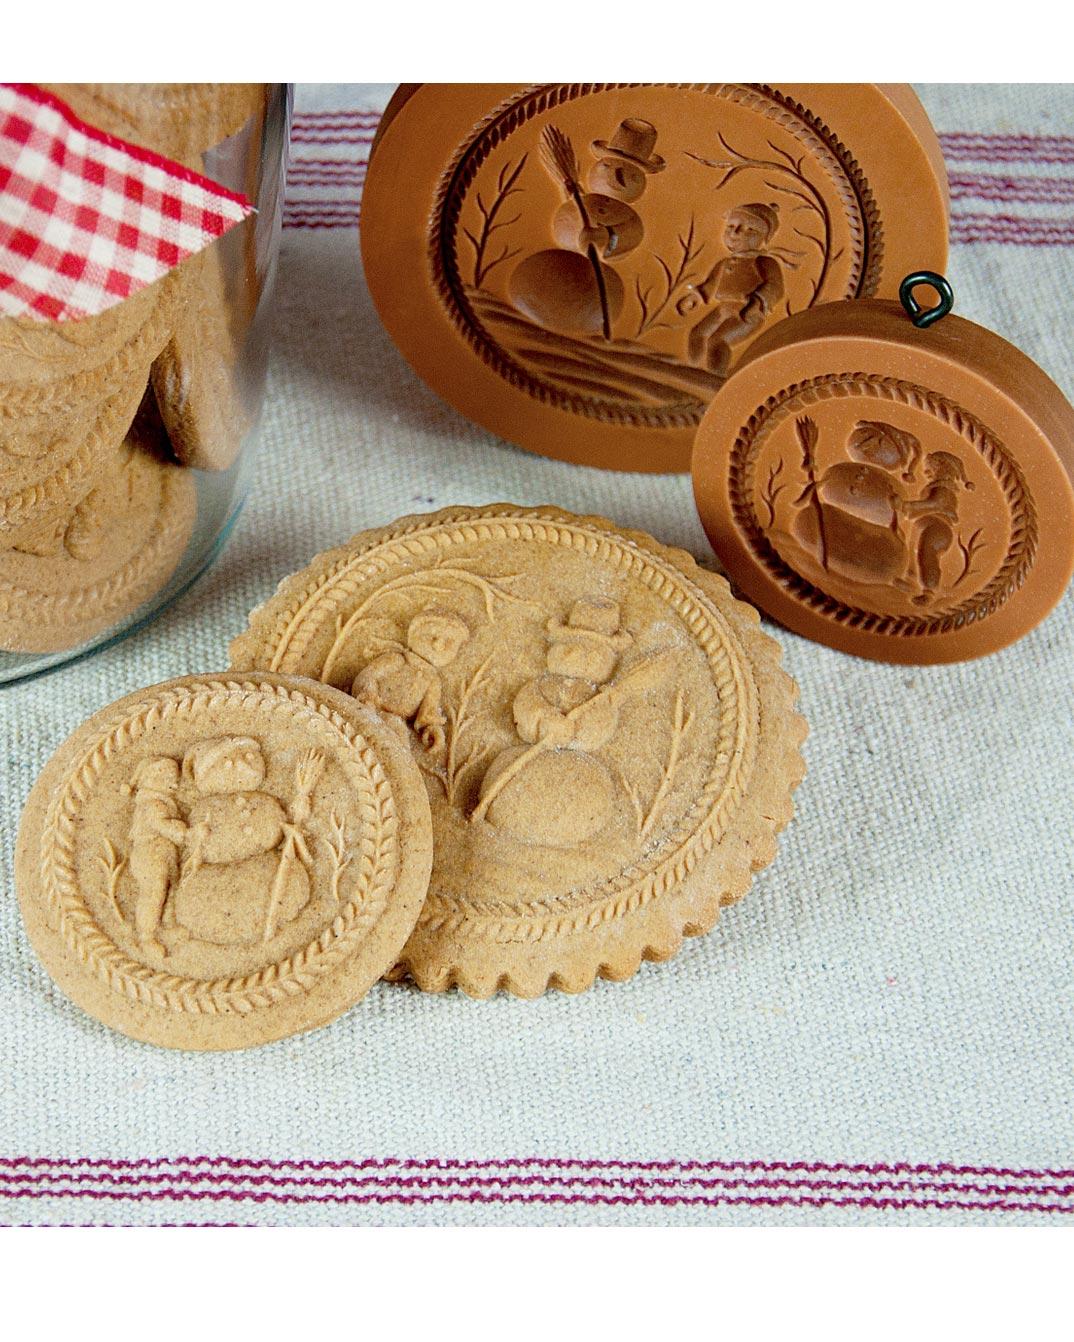 springerle-joy-gingerbread-cookie-0116.jpg